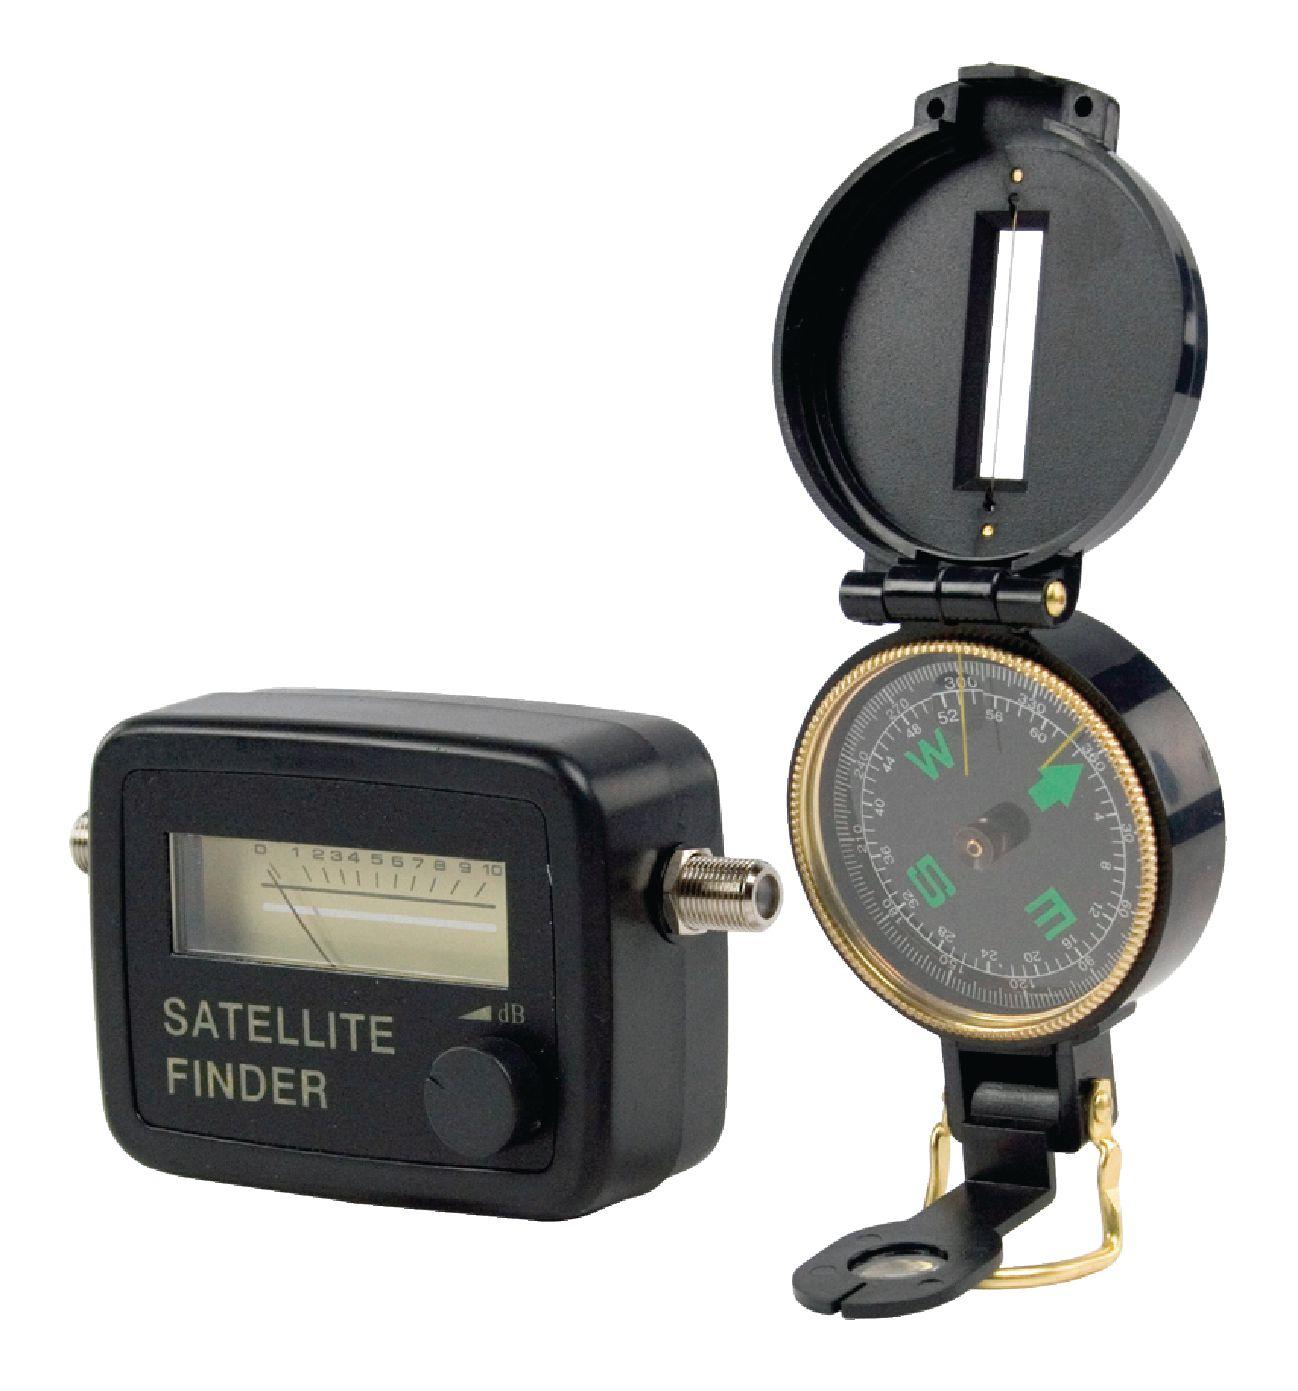 Souprava pro vyhledání SAT družice a signálu